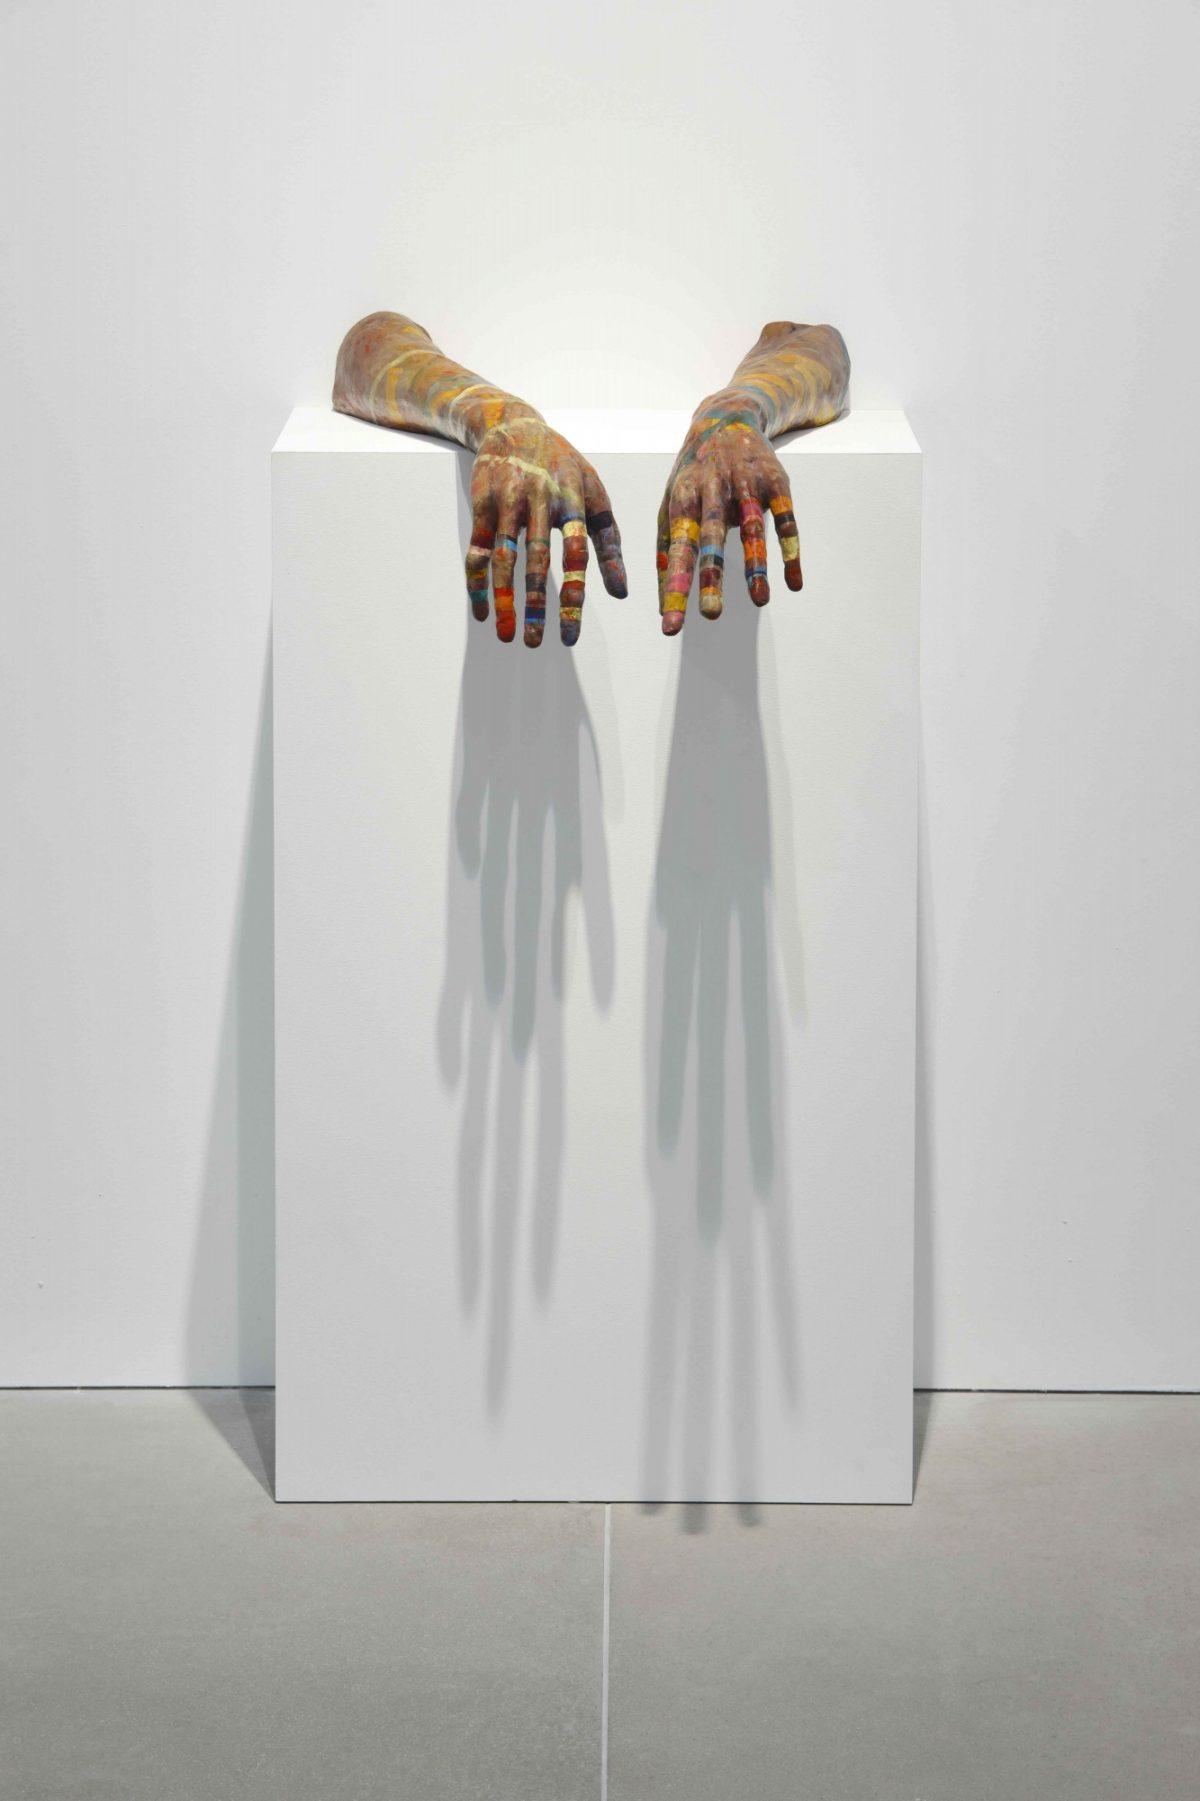 Jonas Burgert Stück Hirn Blind 2014 Installation View Blain Southern Photo Peter Mallet 1